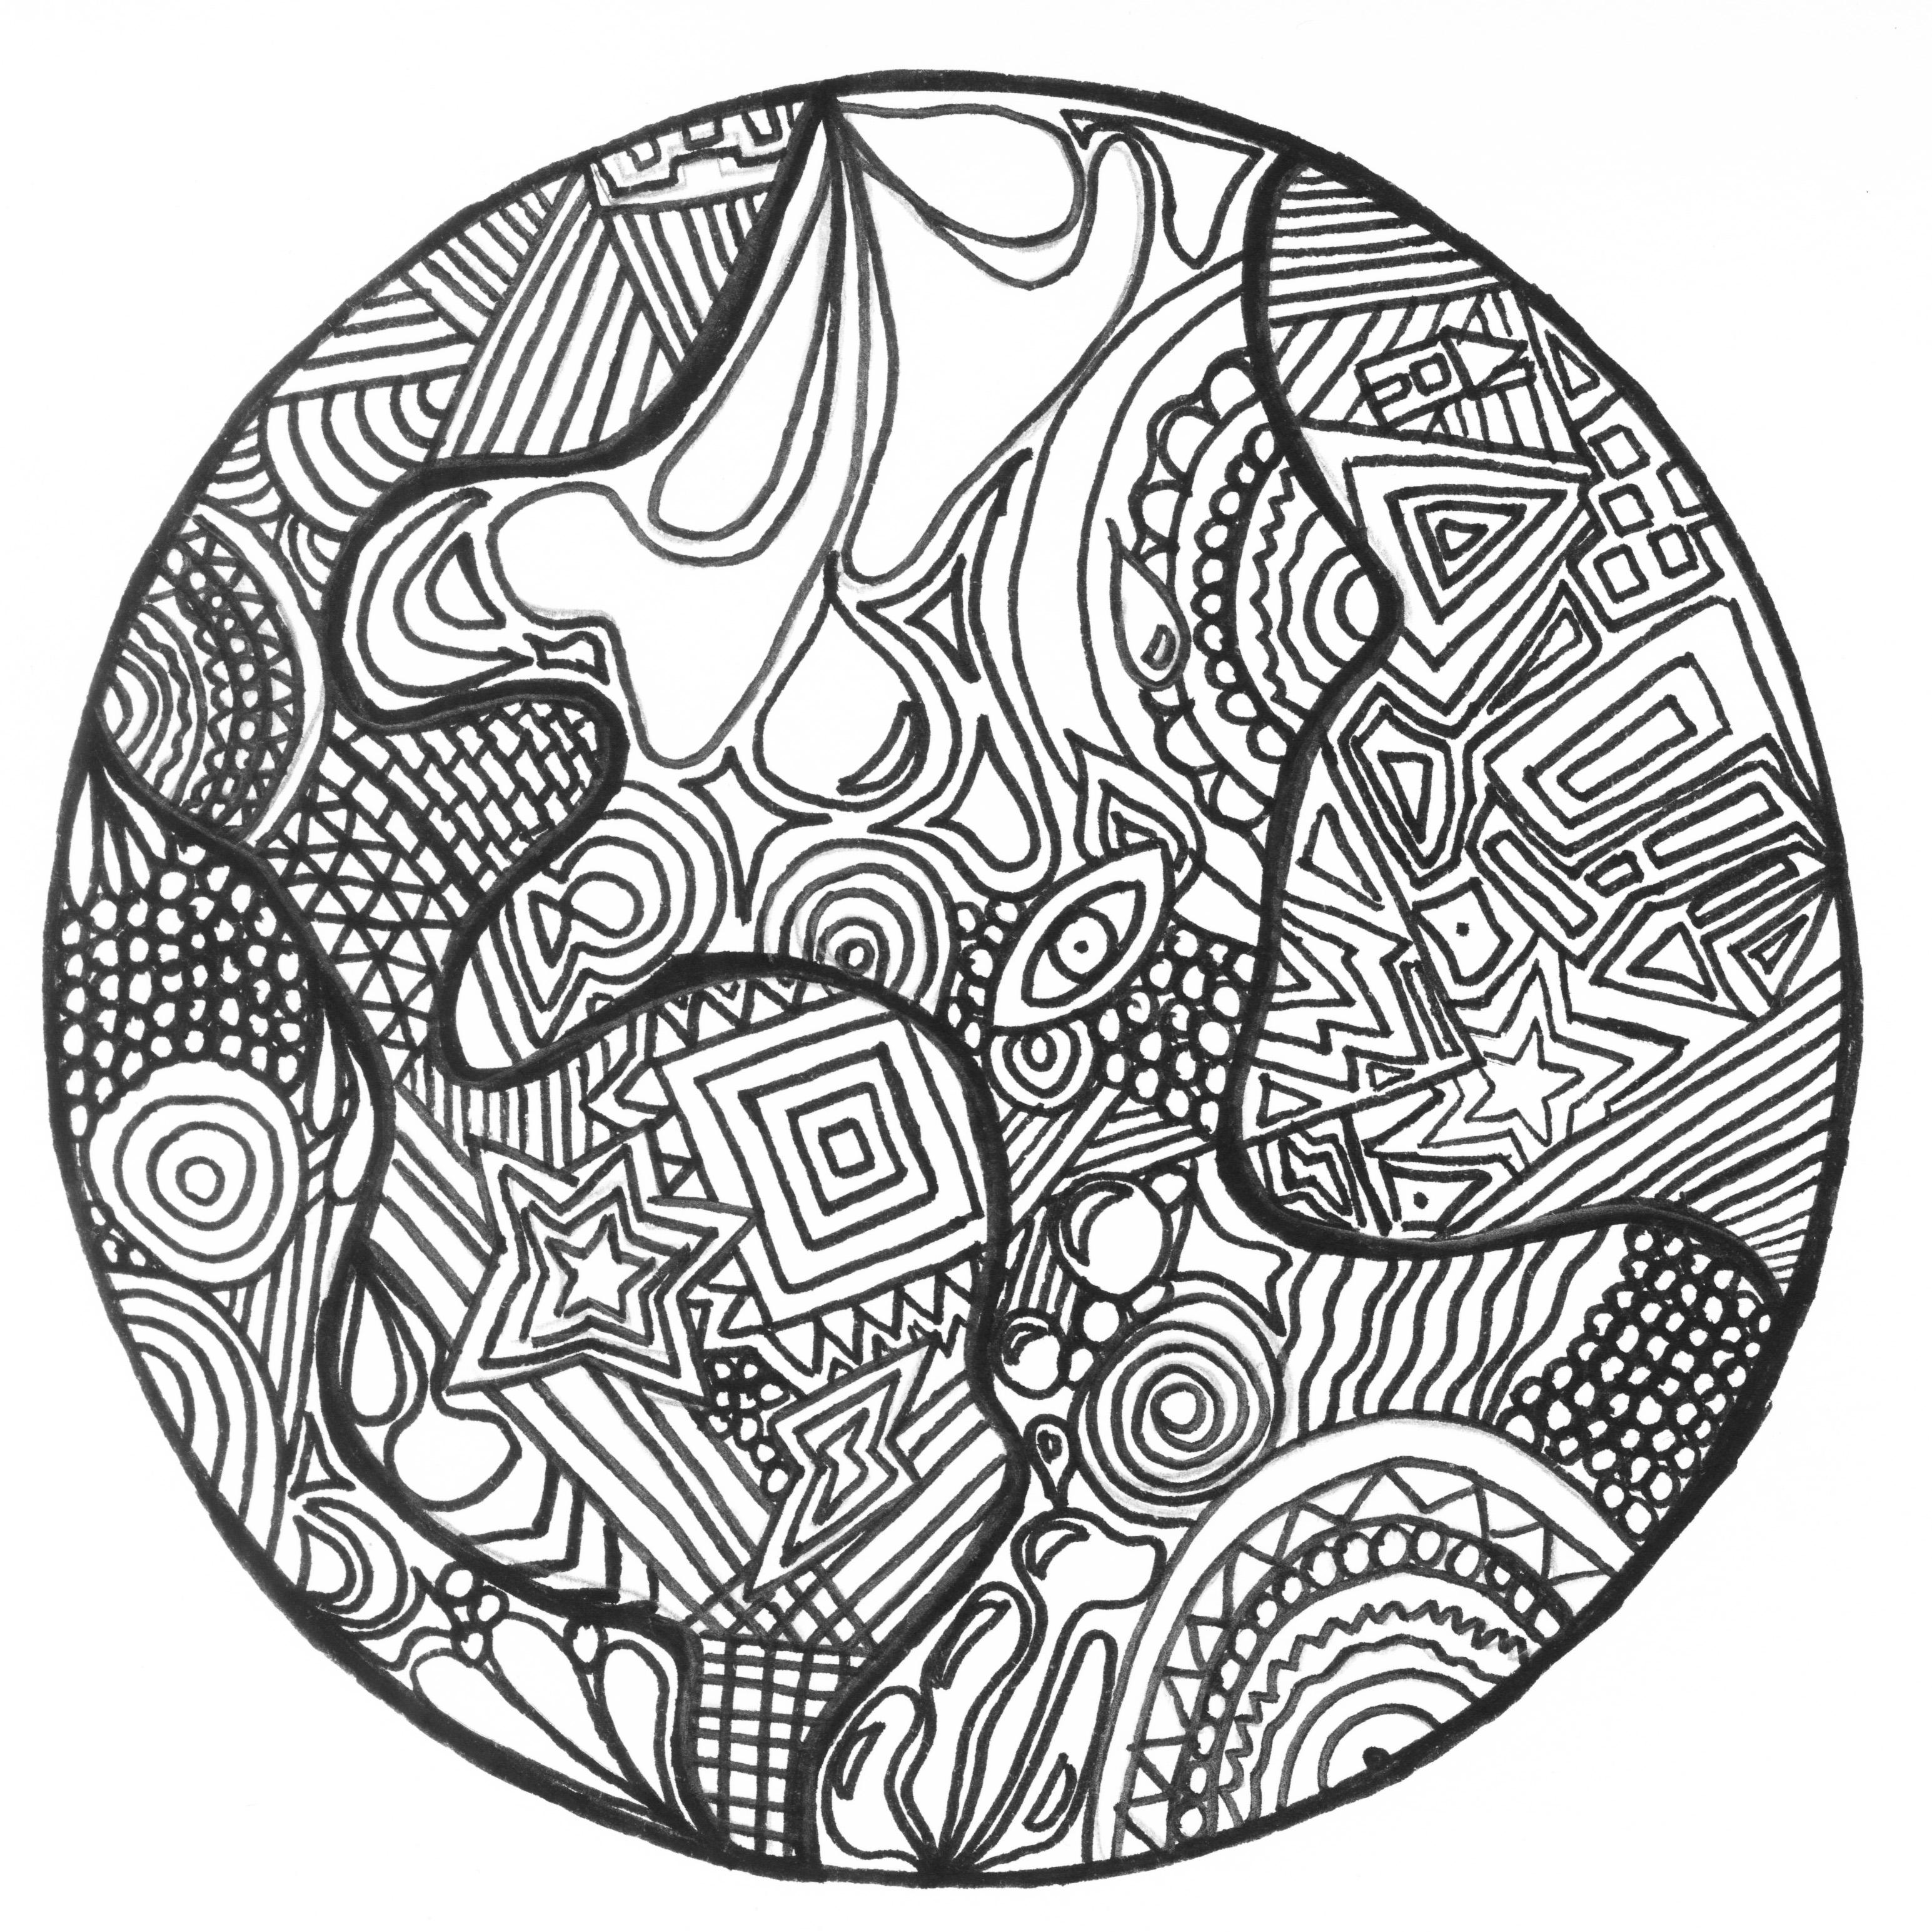 Une planète façon Zentangle ! Super original !